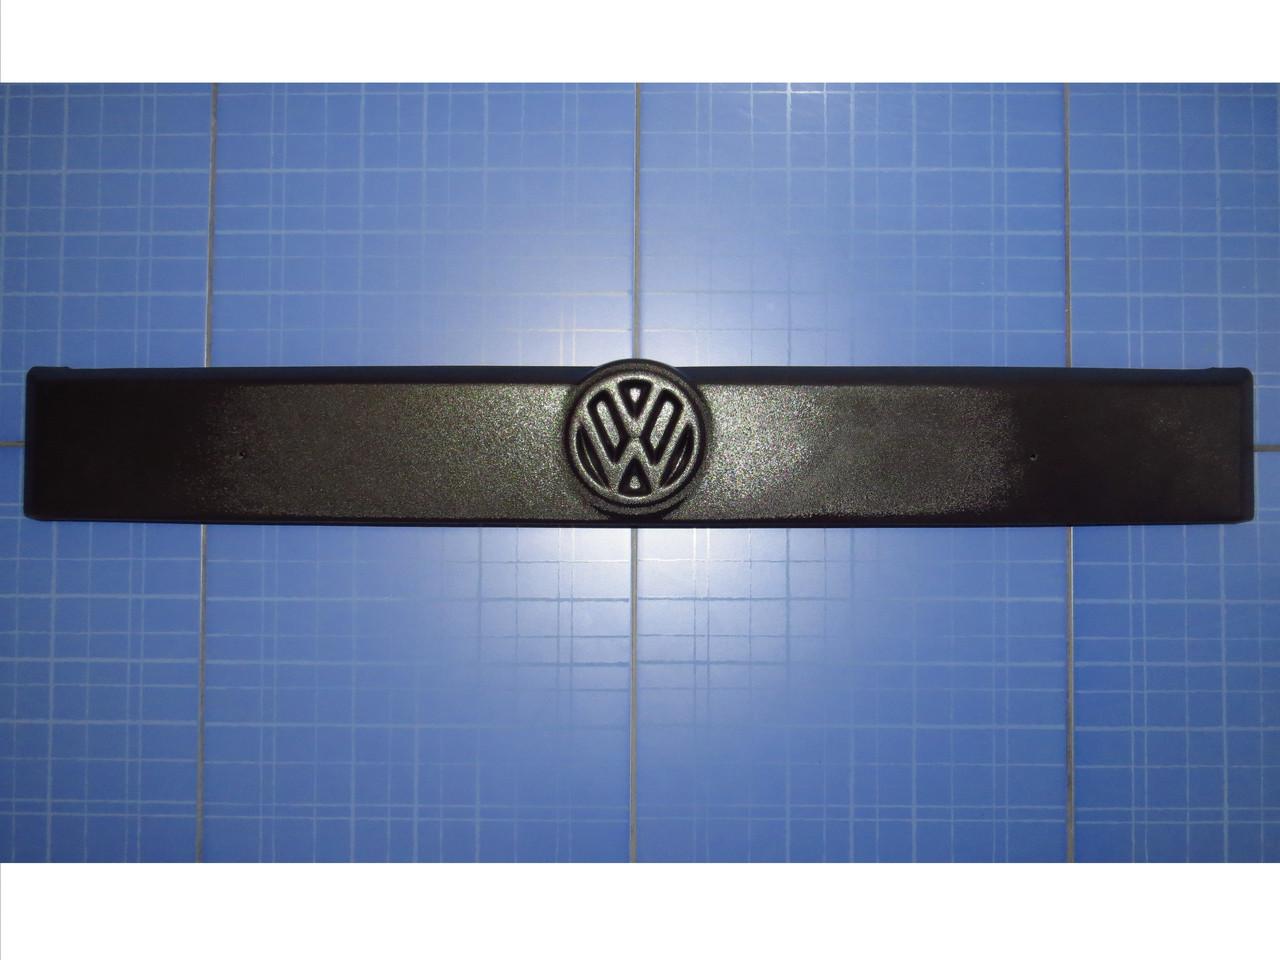 Заглушка решётки радиатора  Фольксваген Т4 верх 1990-1999 матовая Fly. Утеплитель решётки Volkswagen